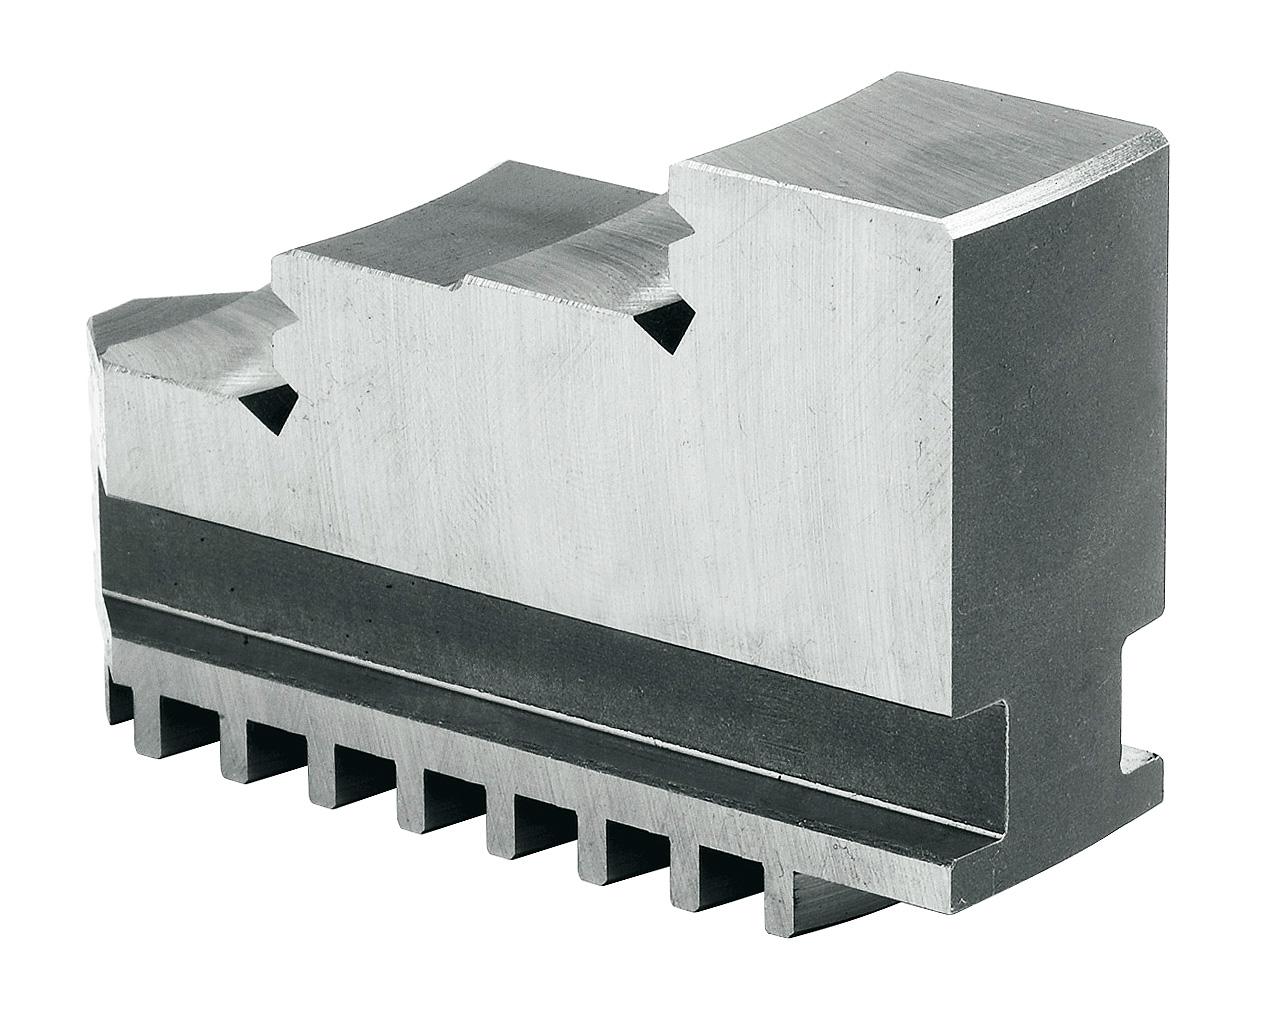 Szczęki jednolite twarde wewnętrzne - komplet DIJ-DK12-630 BERNARDO